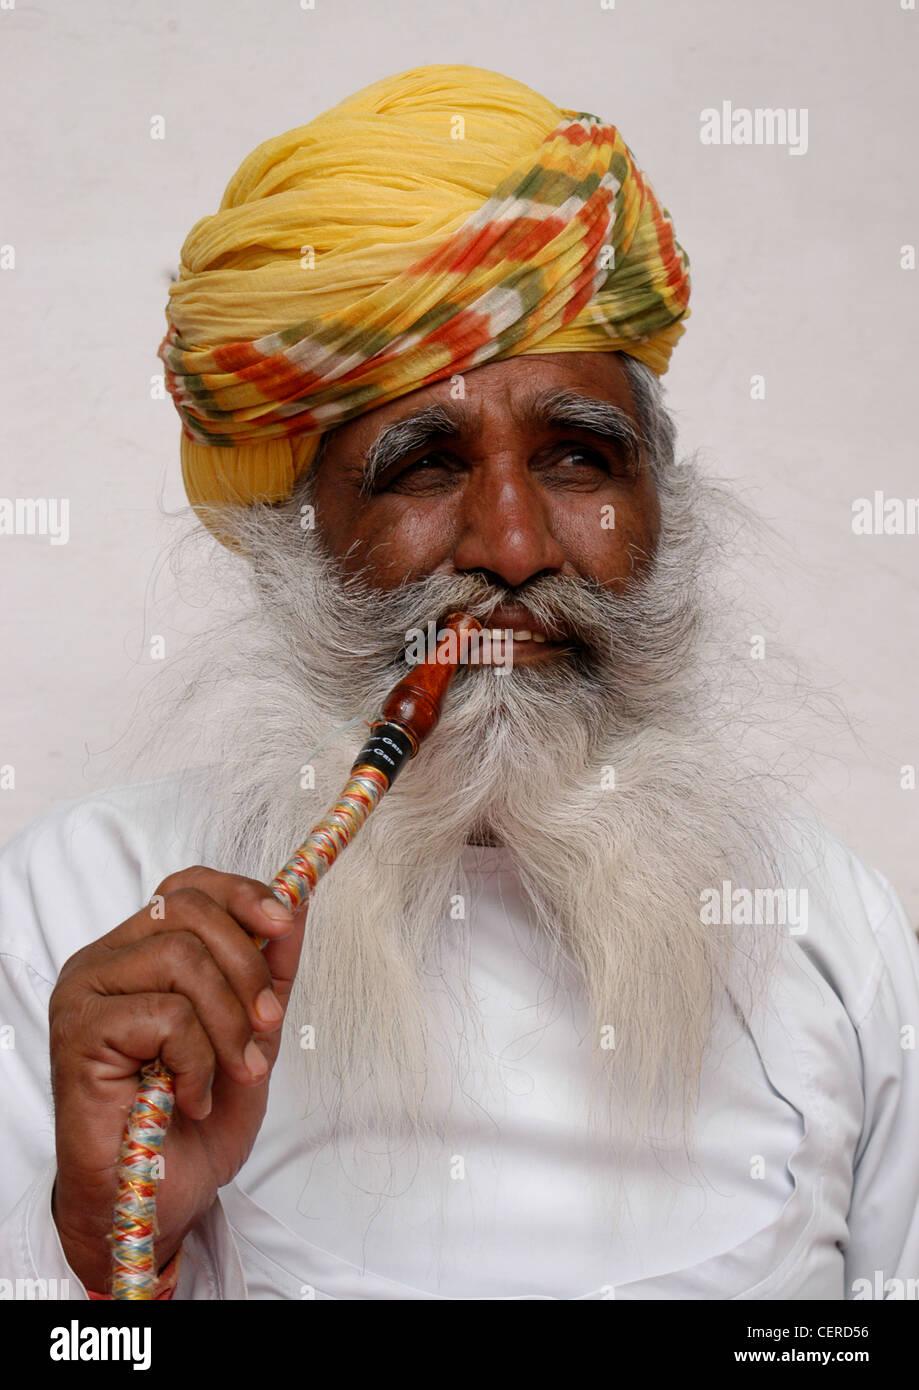 Rajput-uomo che rappresentano il Regno di Rajasthani che mostra il metodo di fumo filtrato il fumo di tabacco attraverso Immagini Stock